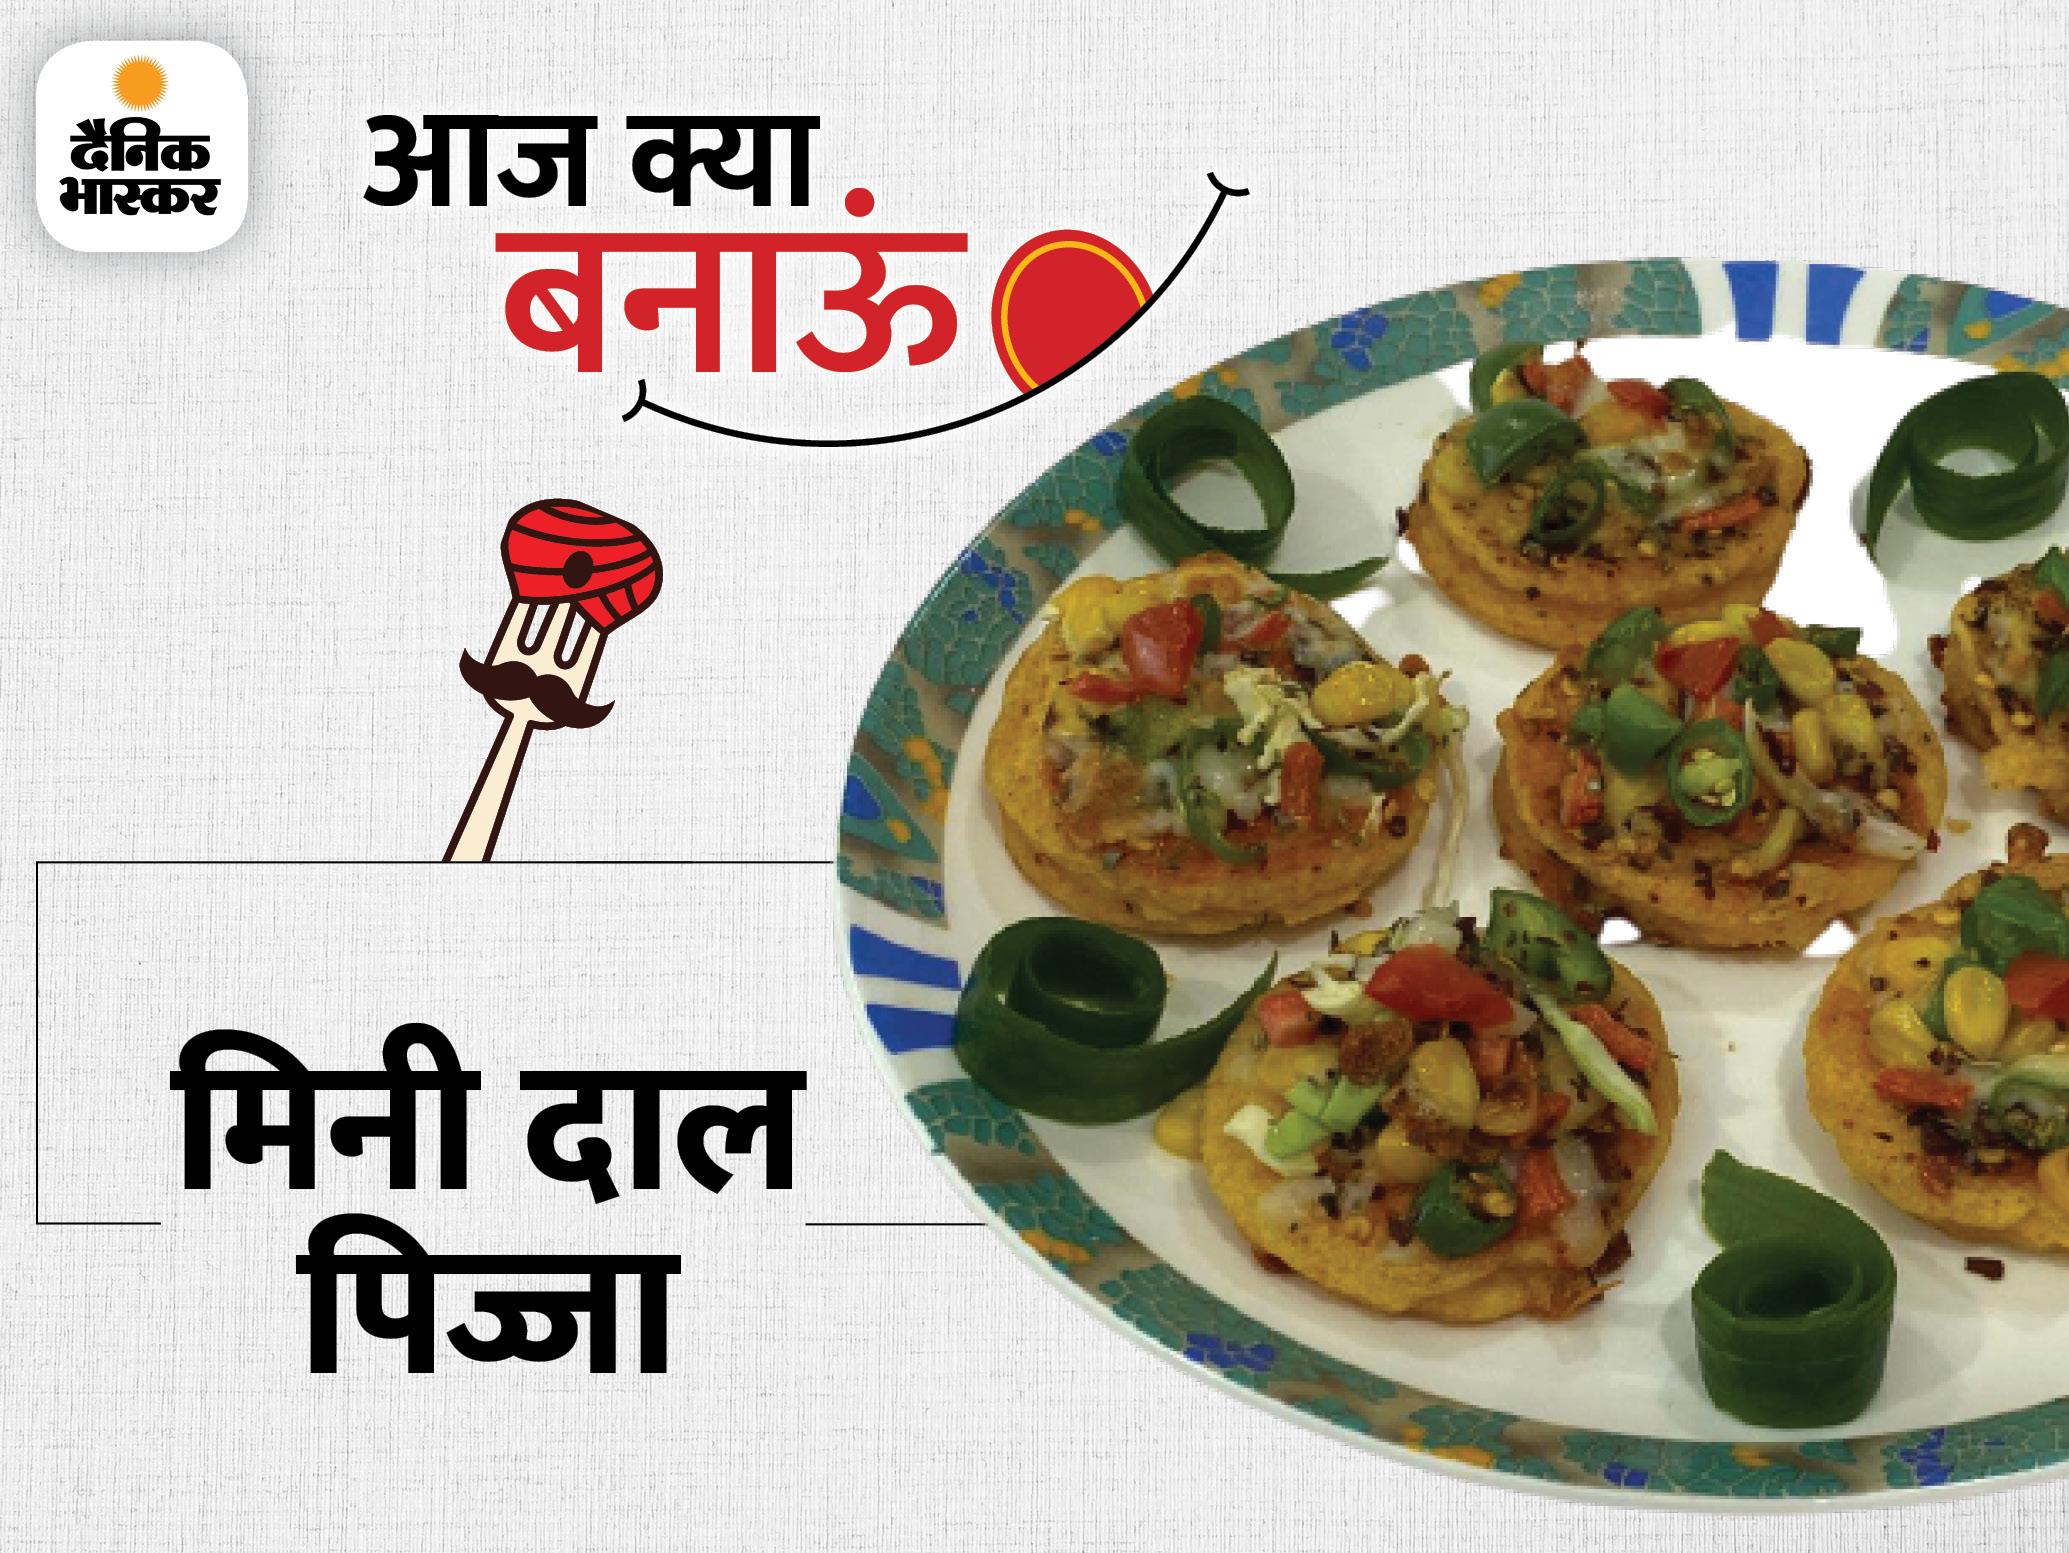 हेल्दी और टेस्टी मिनी दाल पिज्जा बनाने की आसान रेसिपी, बच्चे भी करेंगे इसे बार-बार खाने की फरमाइश|लाइफस्टाइल,Lifestyle - Dainik Bhaskar